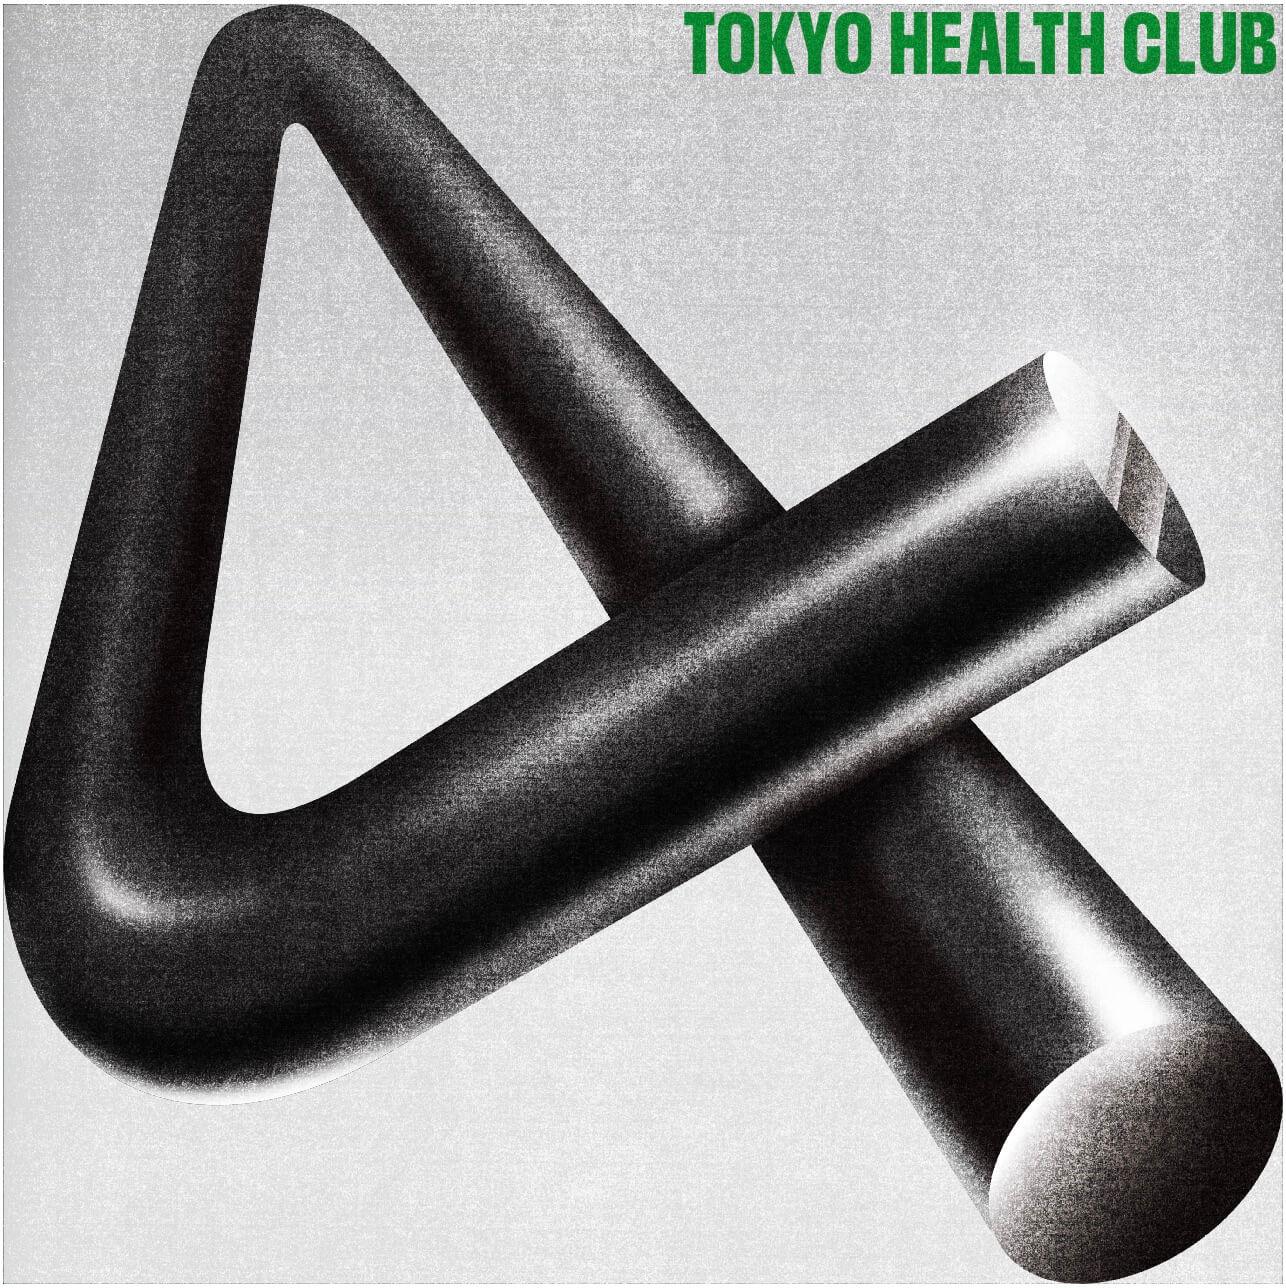 TOKYO HEALTH CLUBが4年ぶりにアルバム『4』をリリース!羊文学Vo.塩塚モエカ、CHAPAHが客演 music200227_tokyohealthclub_01